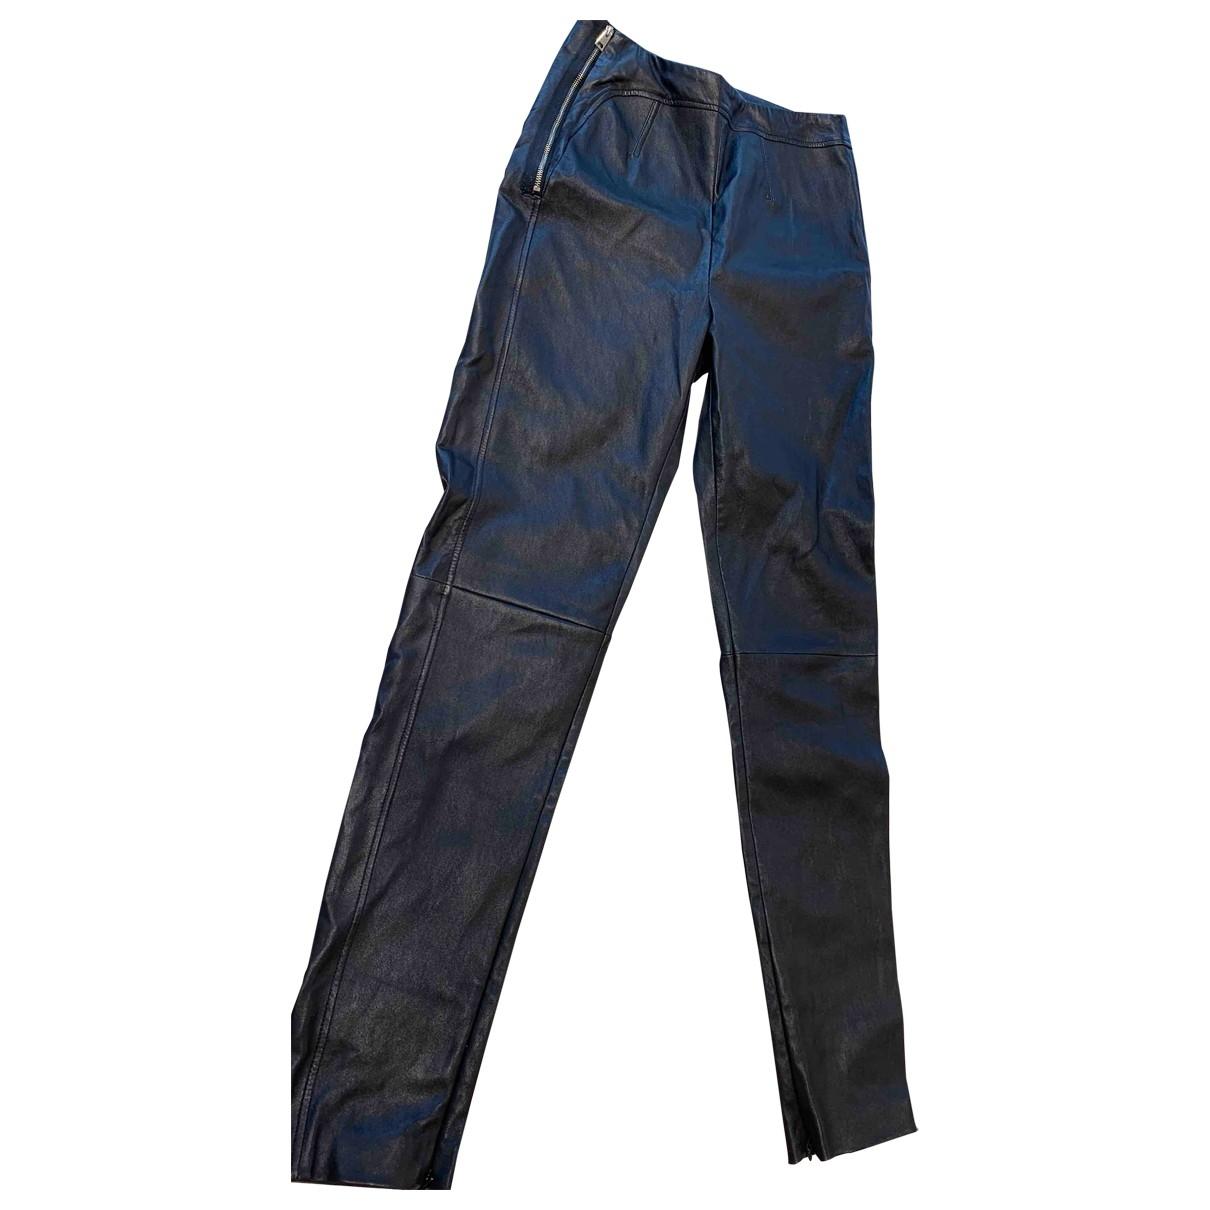 La Perla \N Black Leather Trousers for Women 40 IT